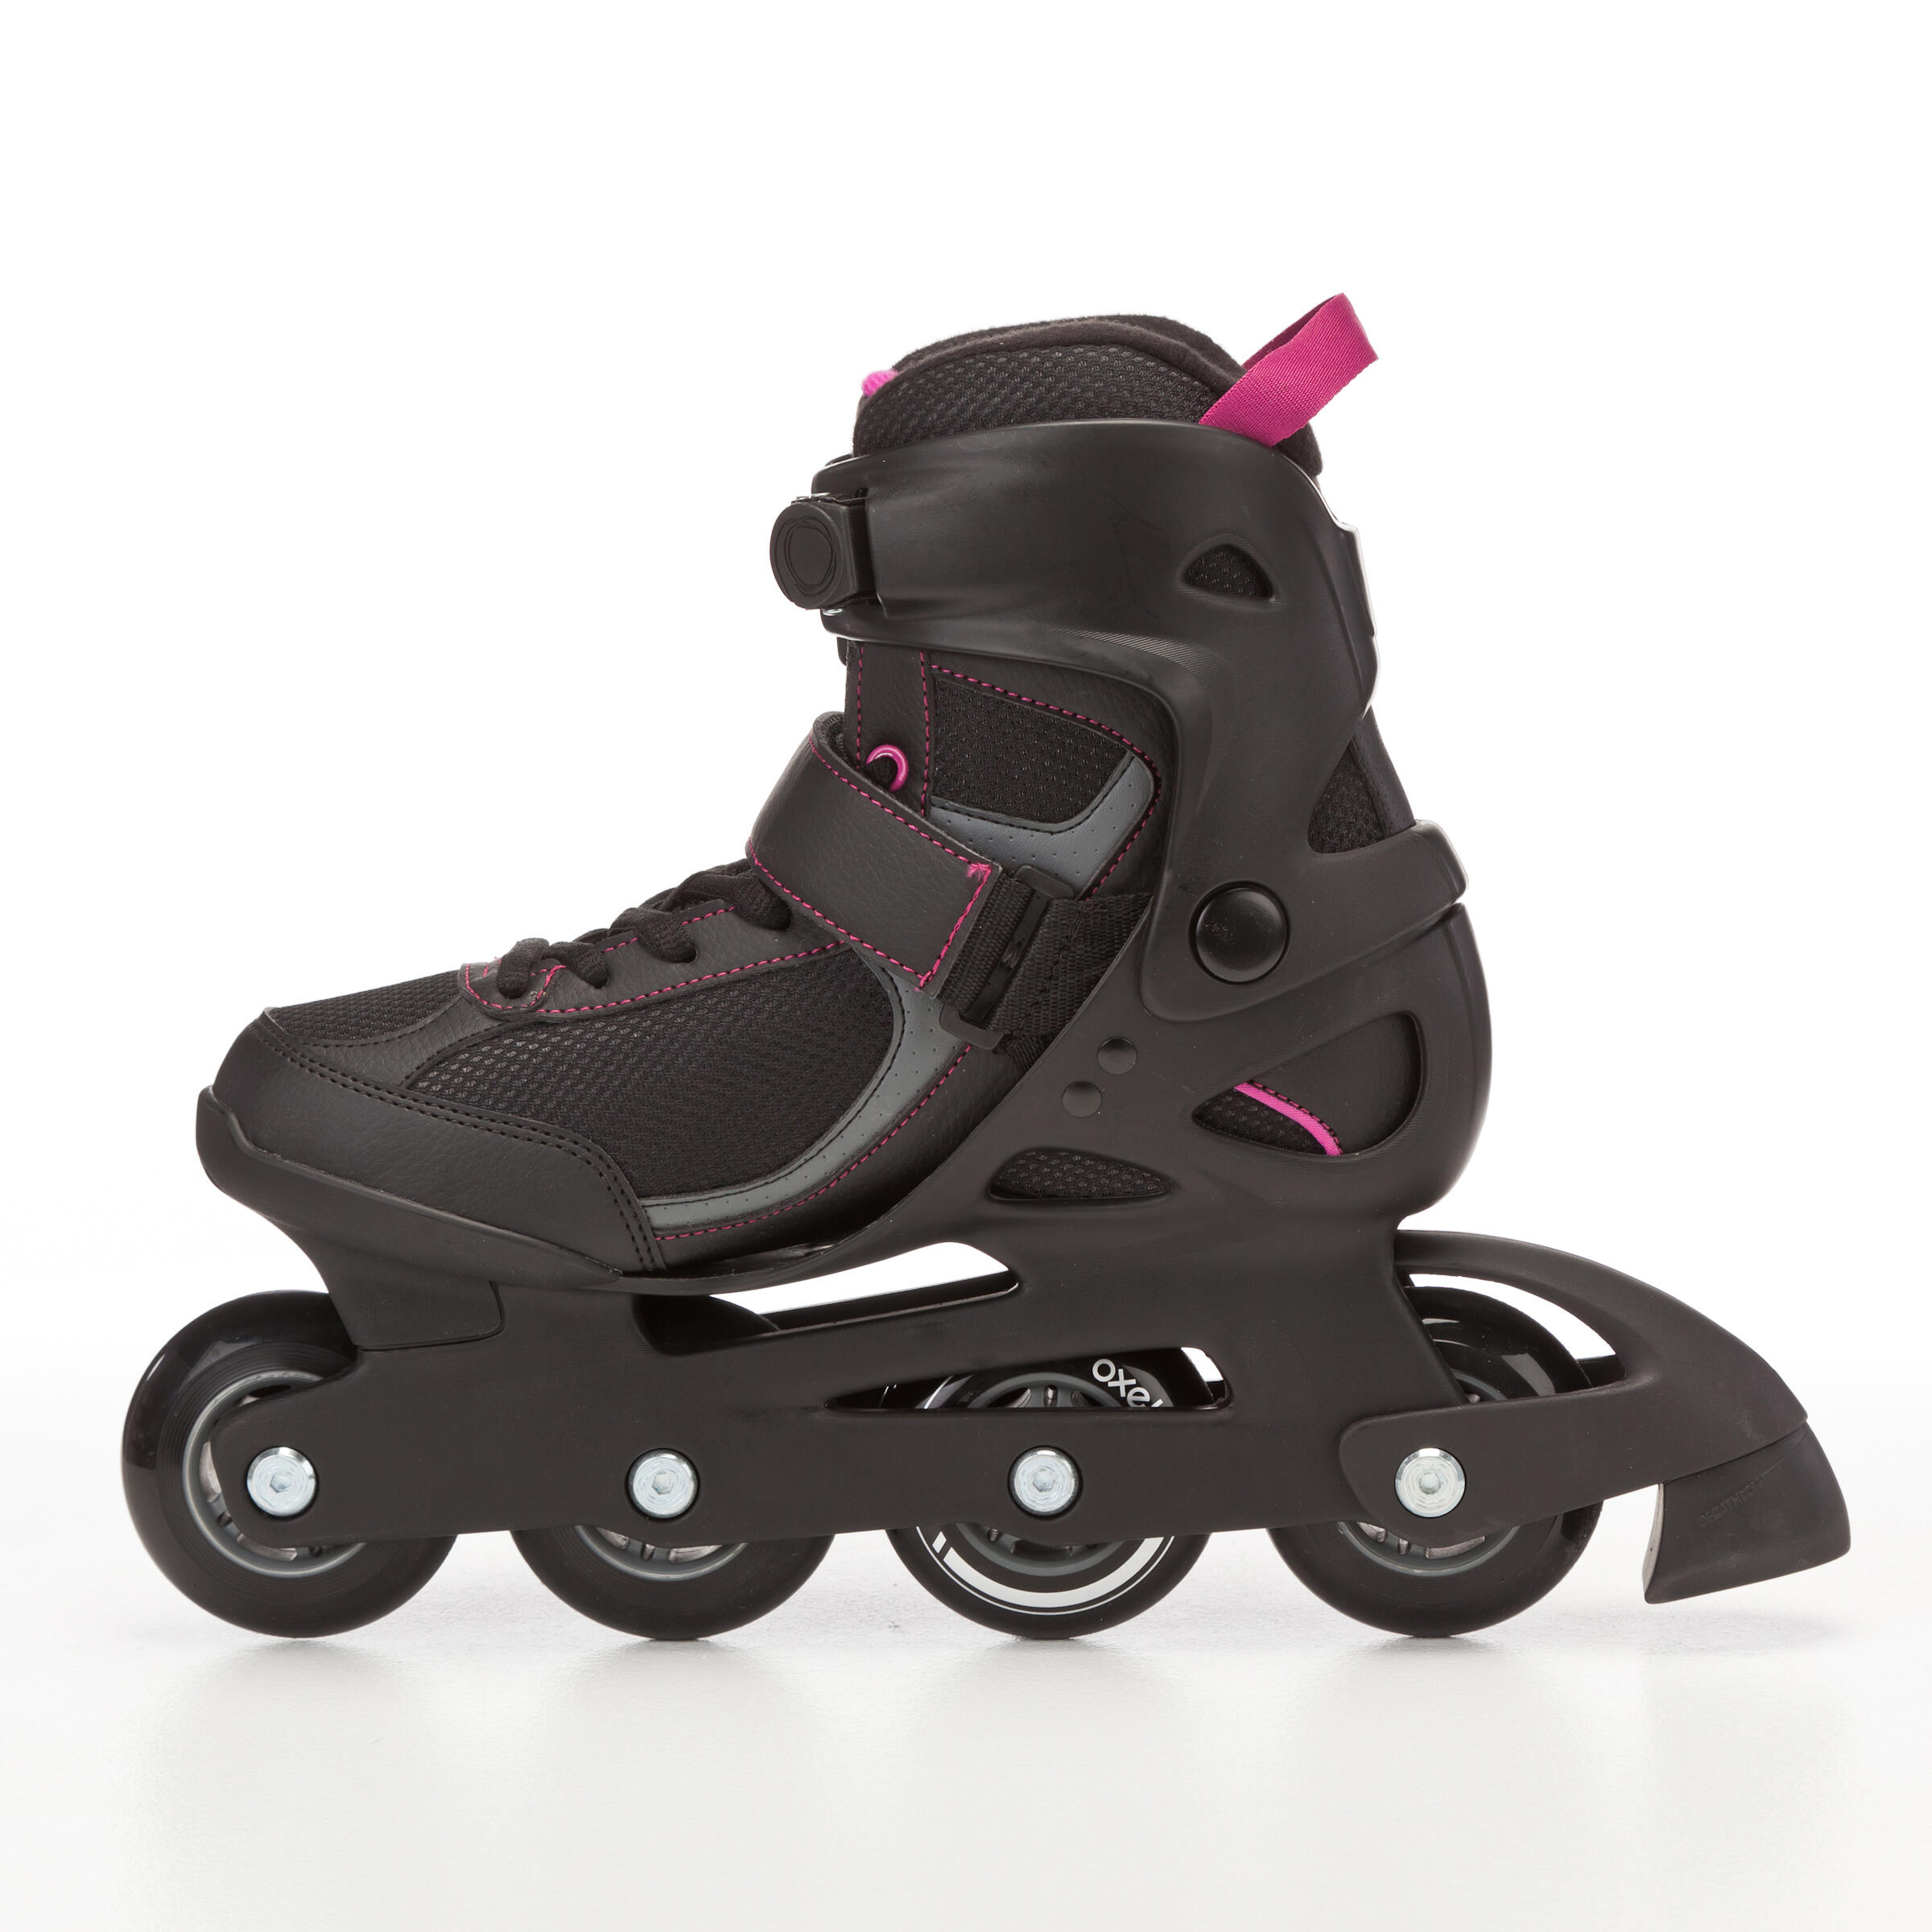 Patins à roues alignées femme FIT 3 noir fuchsia